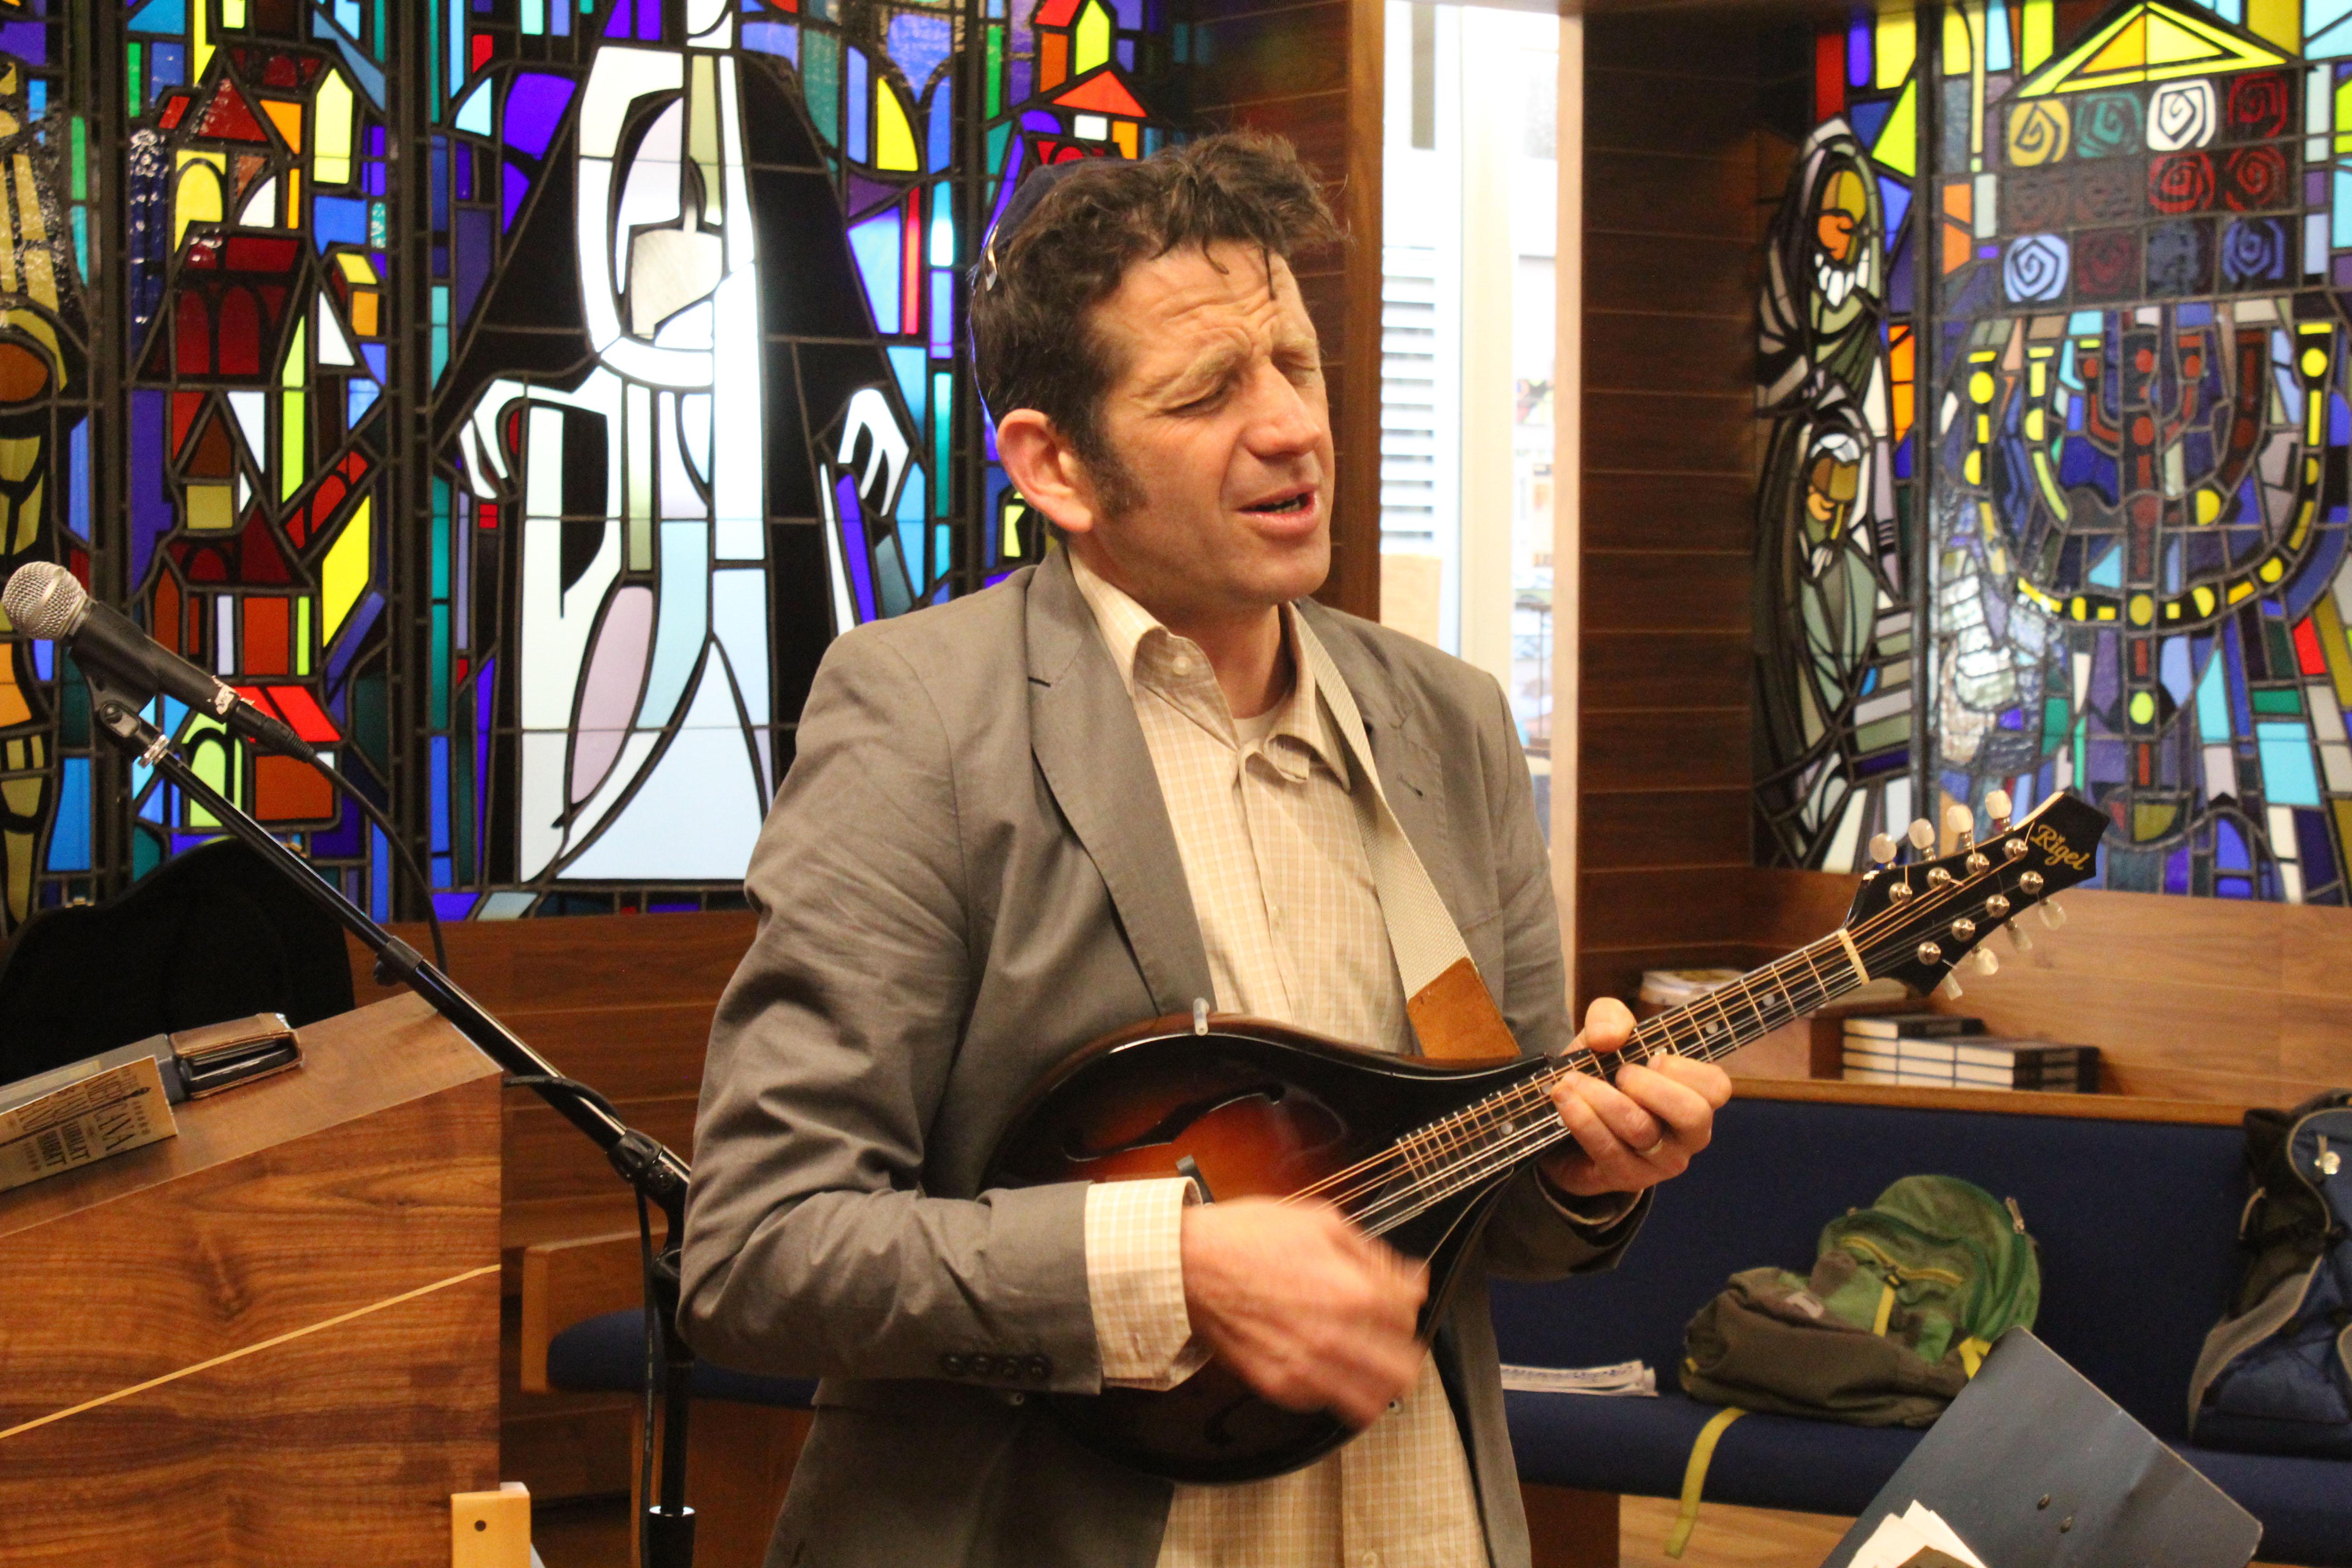 Bayer singing and playing mandolin